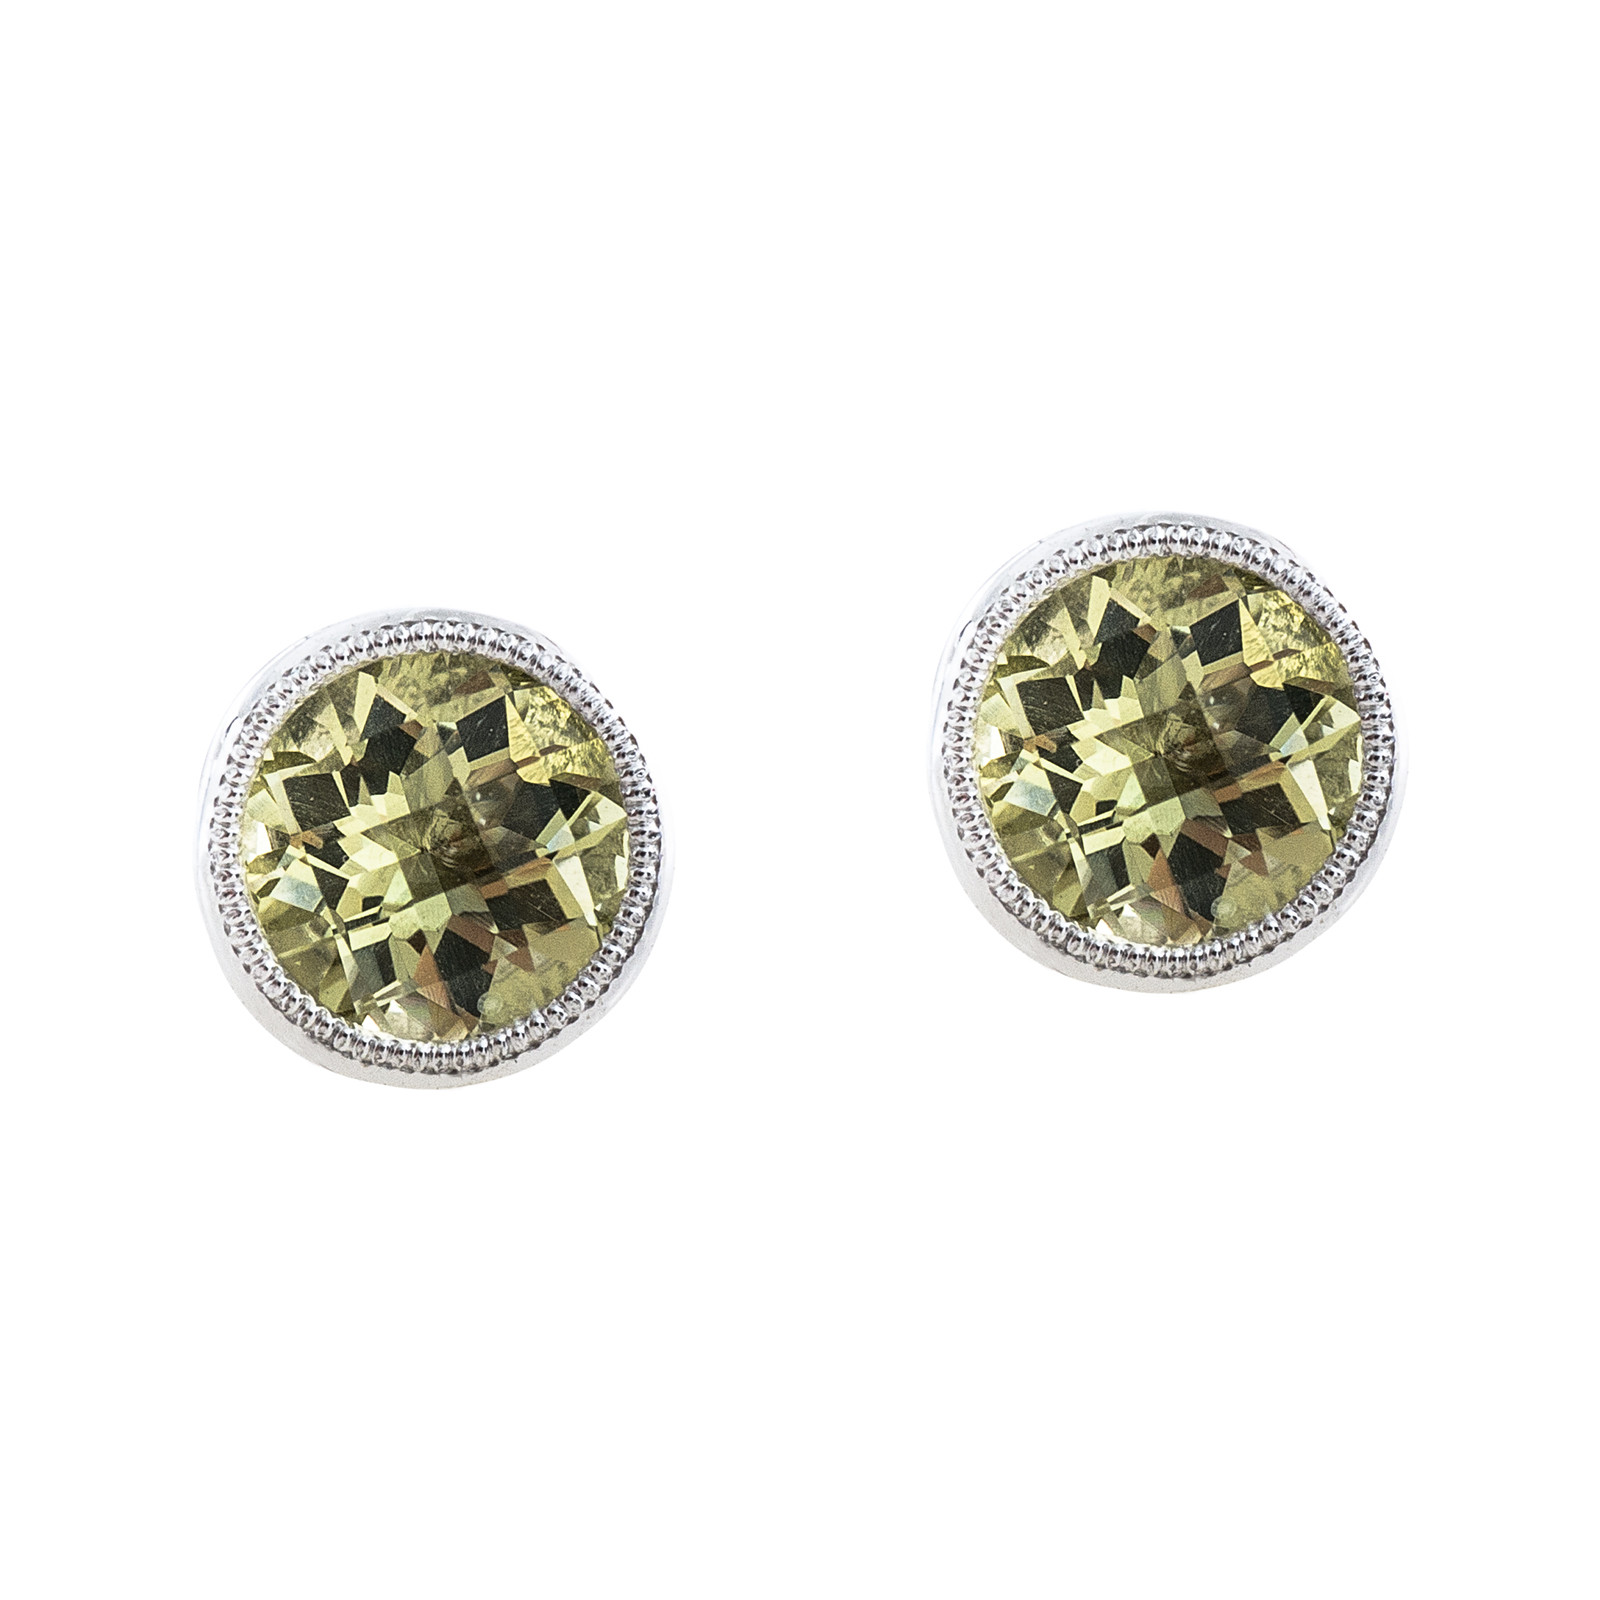 New 1.66 CTW Lemon Quartz Stud Earrings